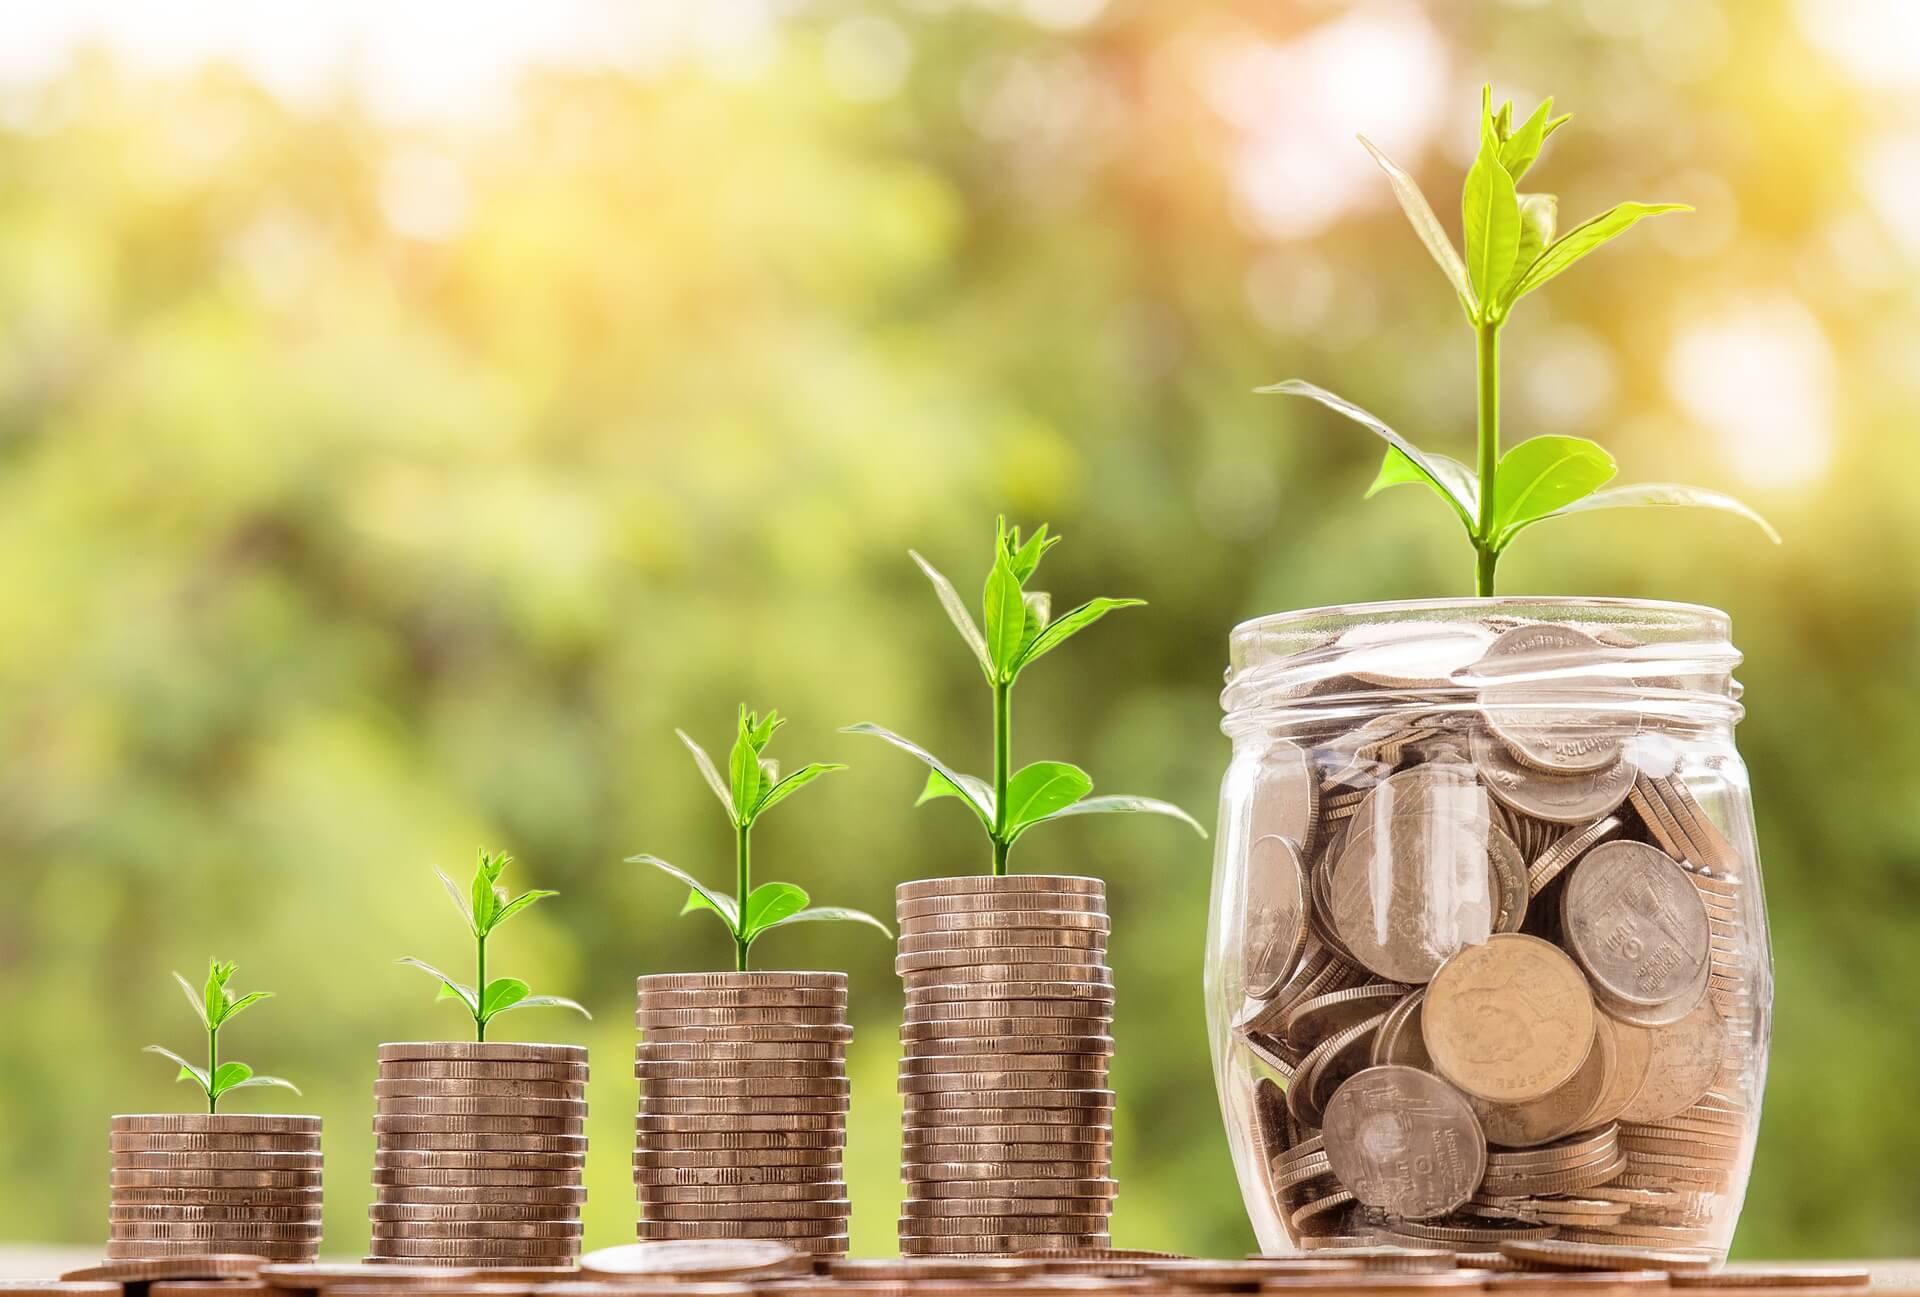 ¿Dónde invertir poco dinero con rentabilidad?